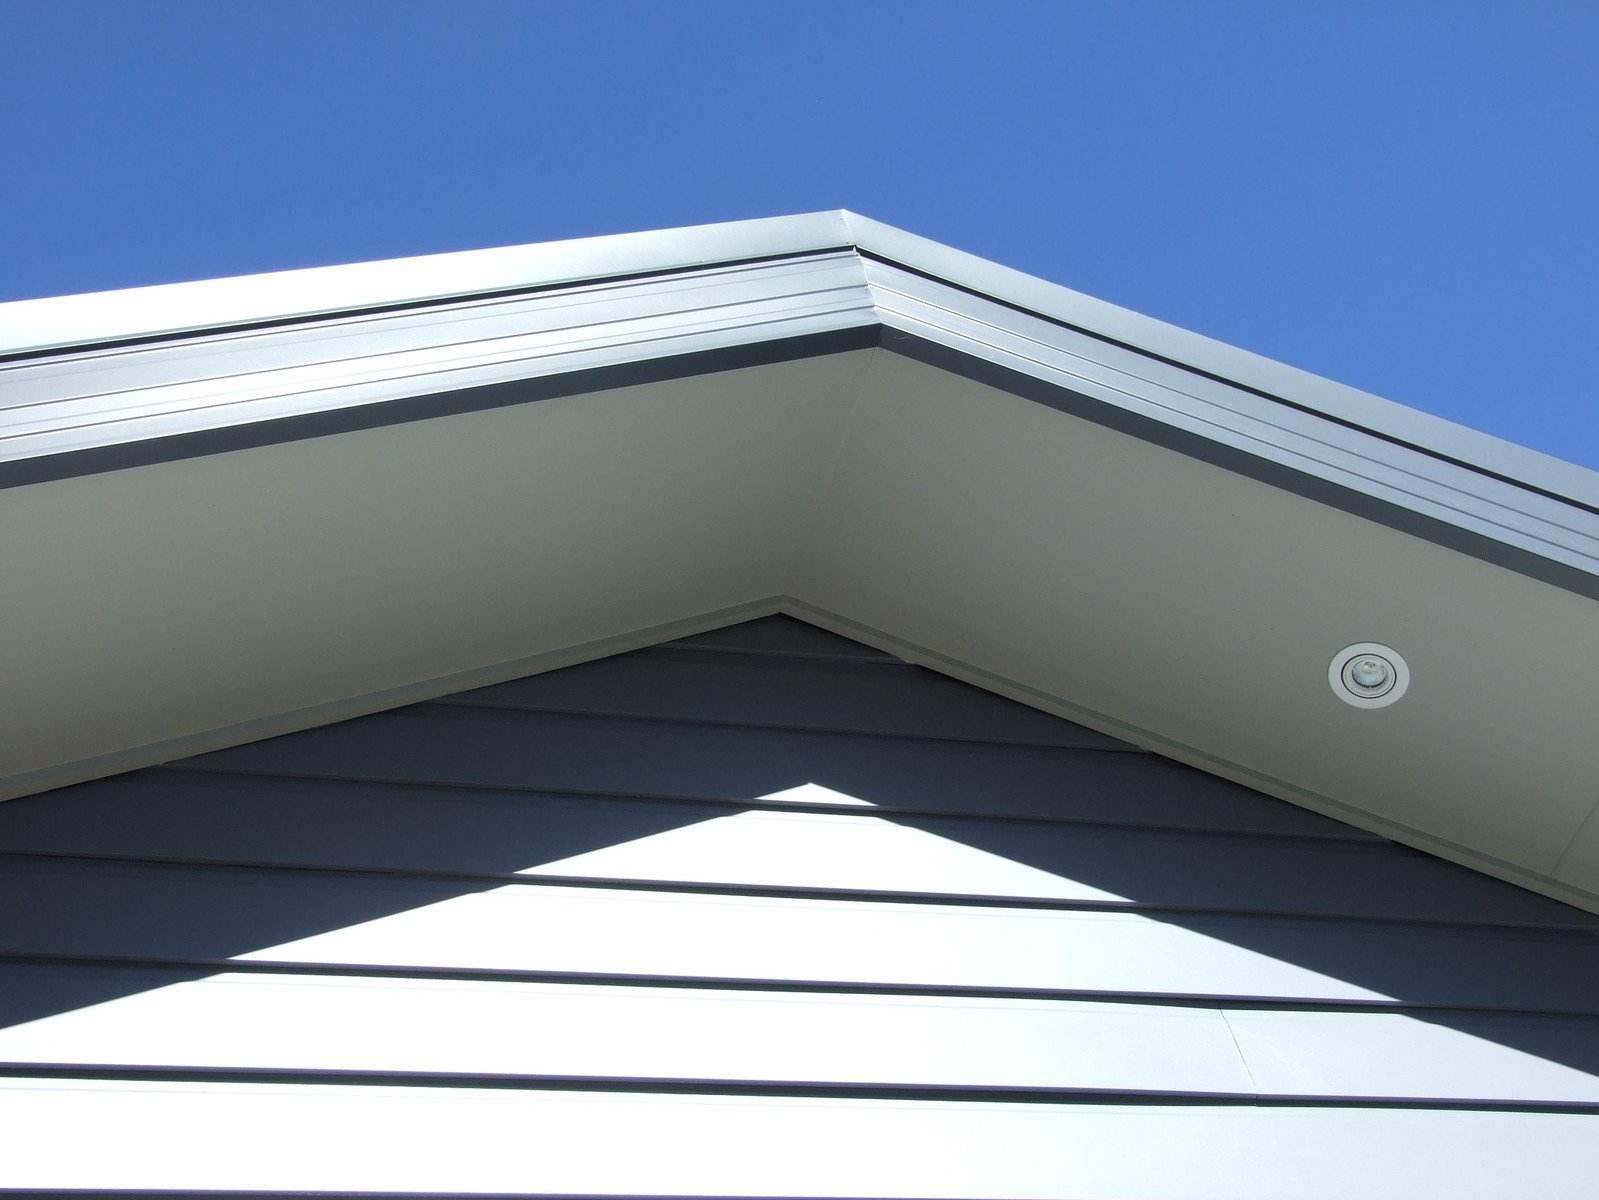 房顶如何隔音 房顶隔音方法介绍